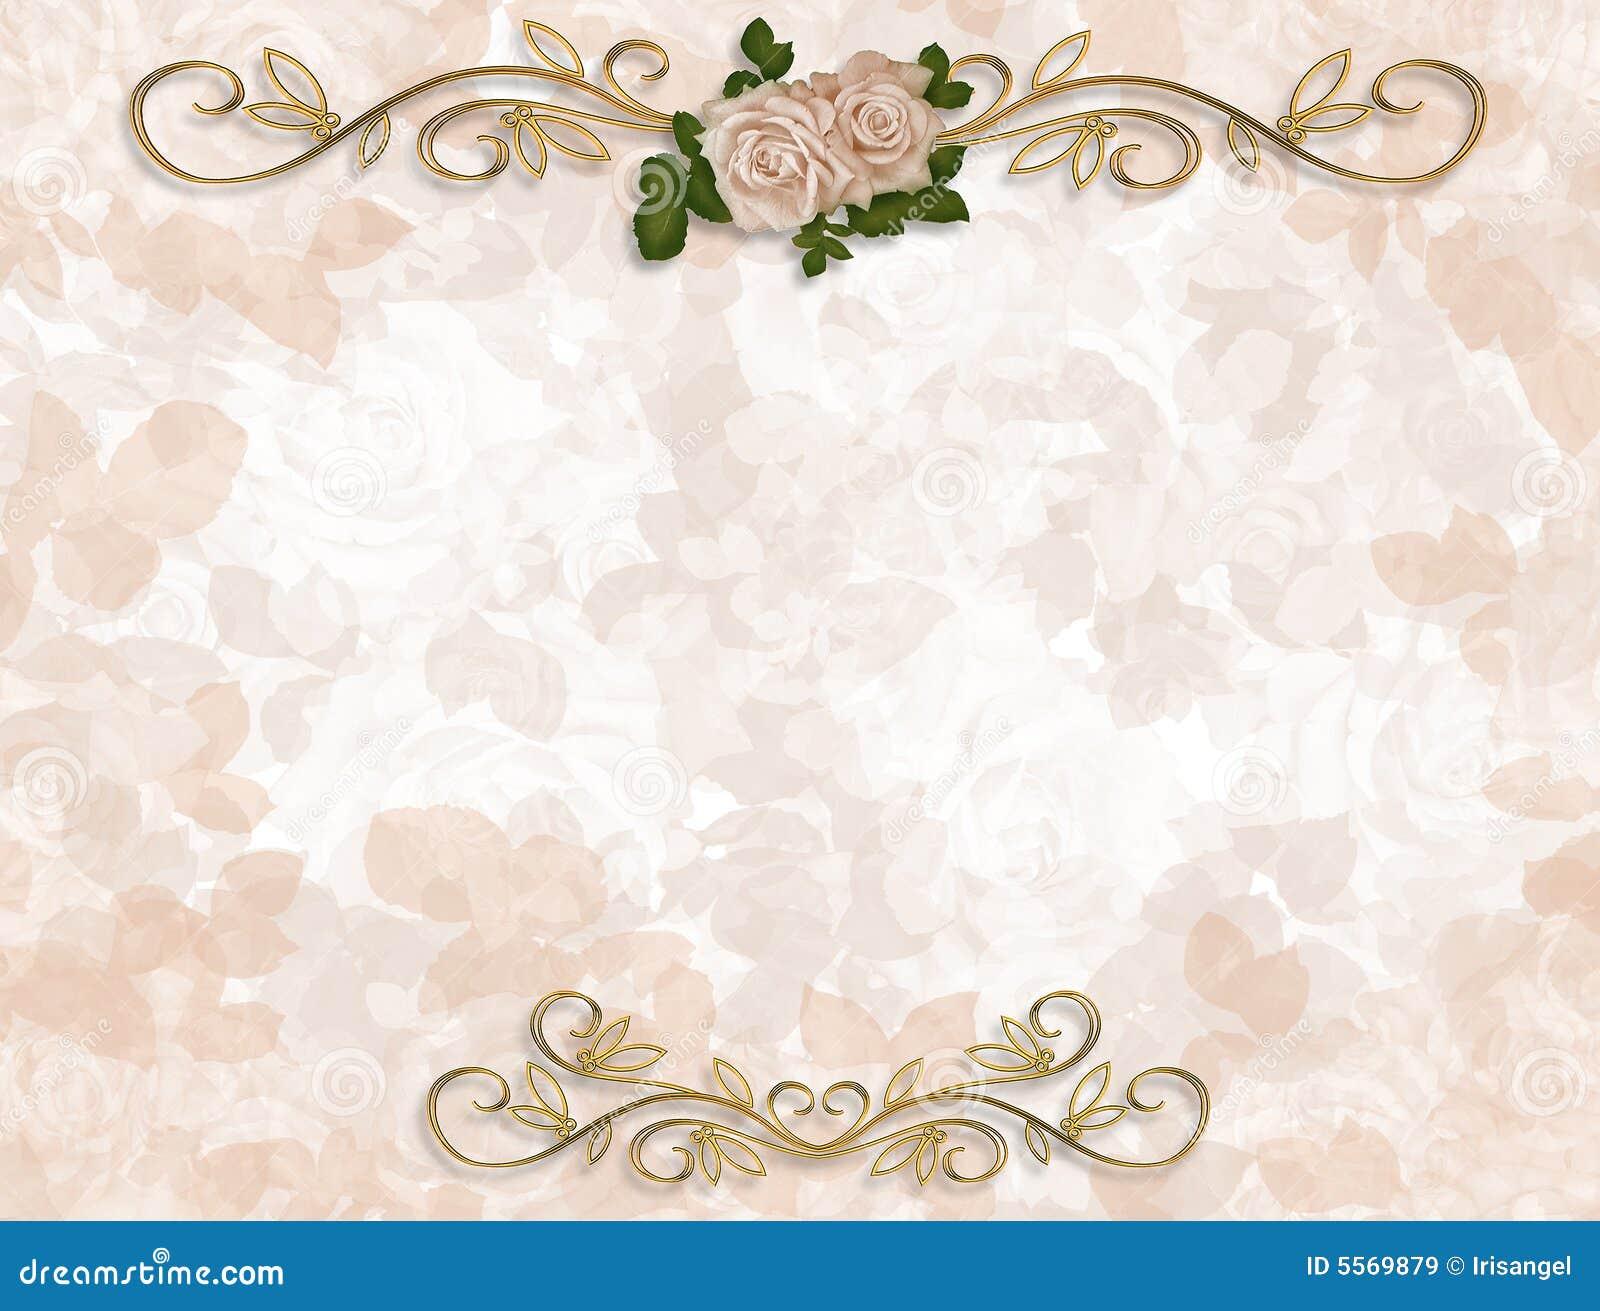 Rosas Del Victorian Wedding La Invitaci 243 N Im 225 Genes De